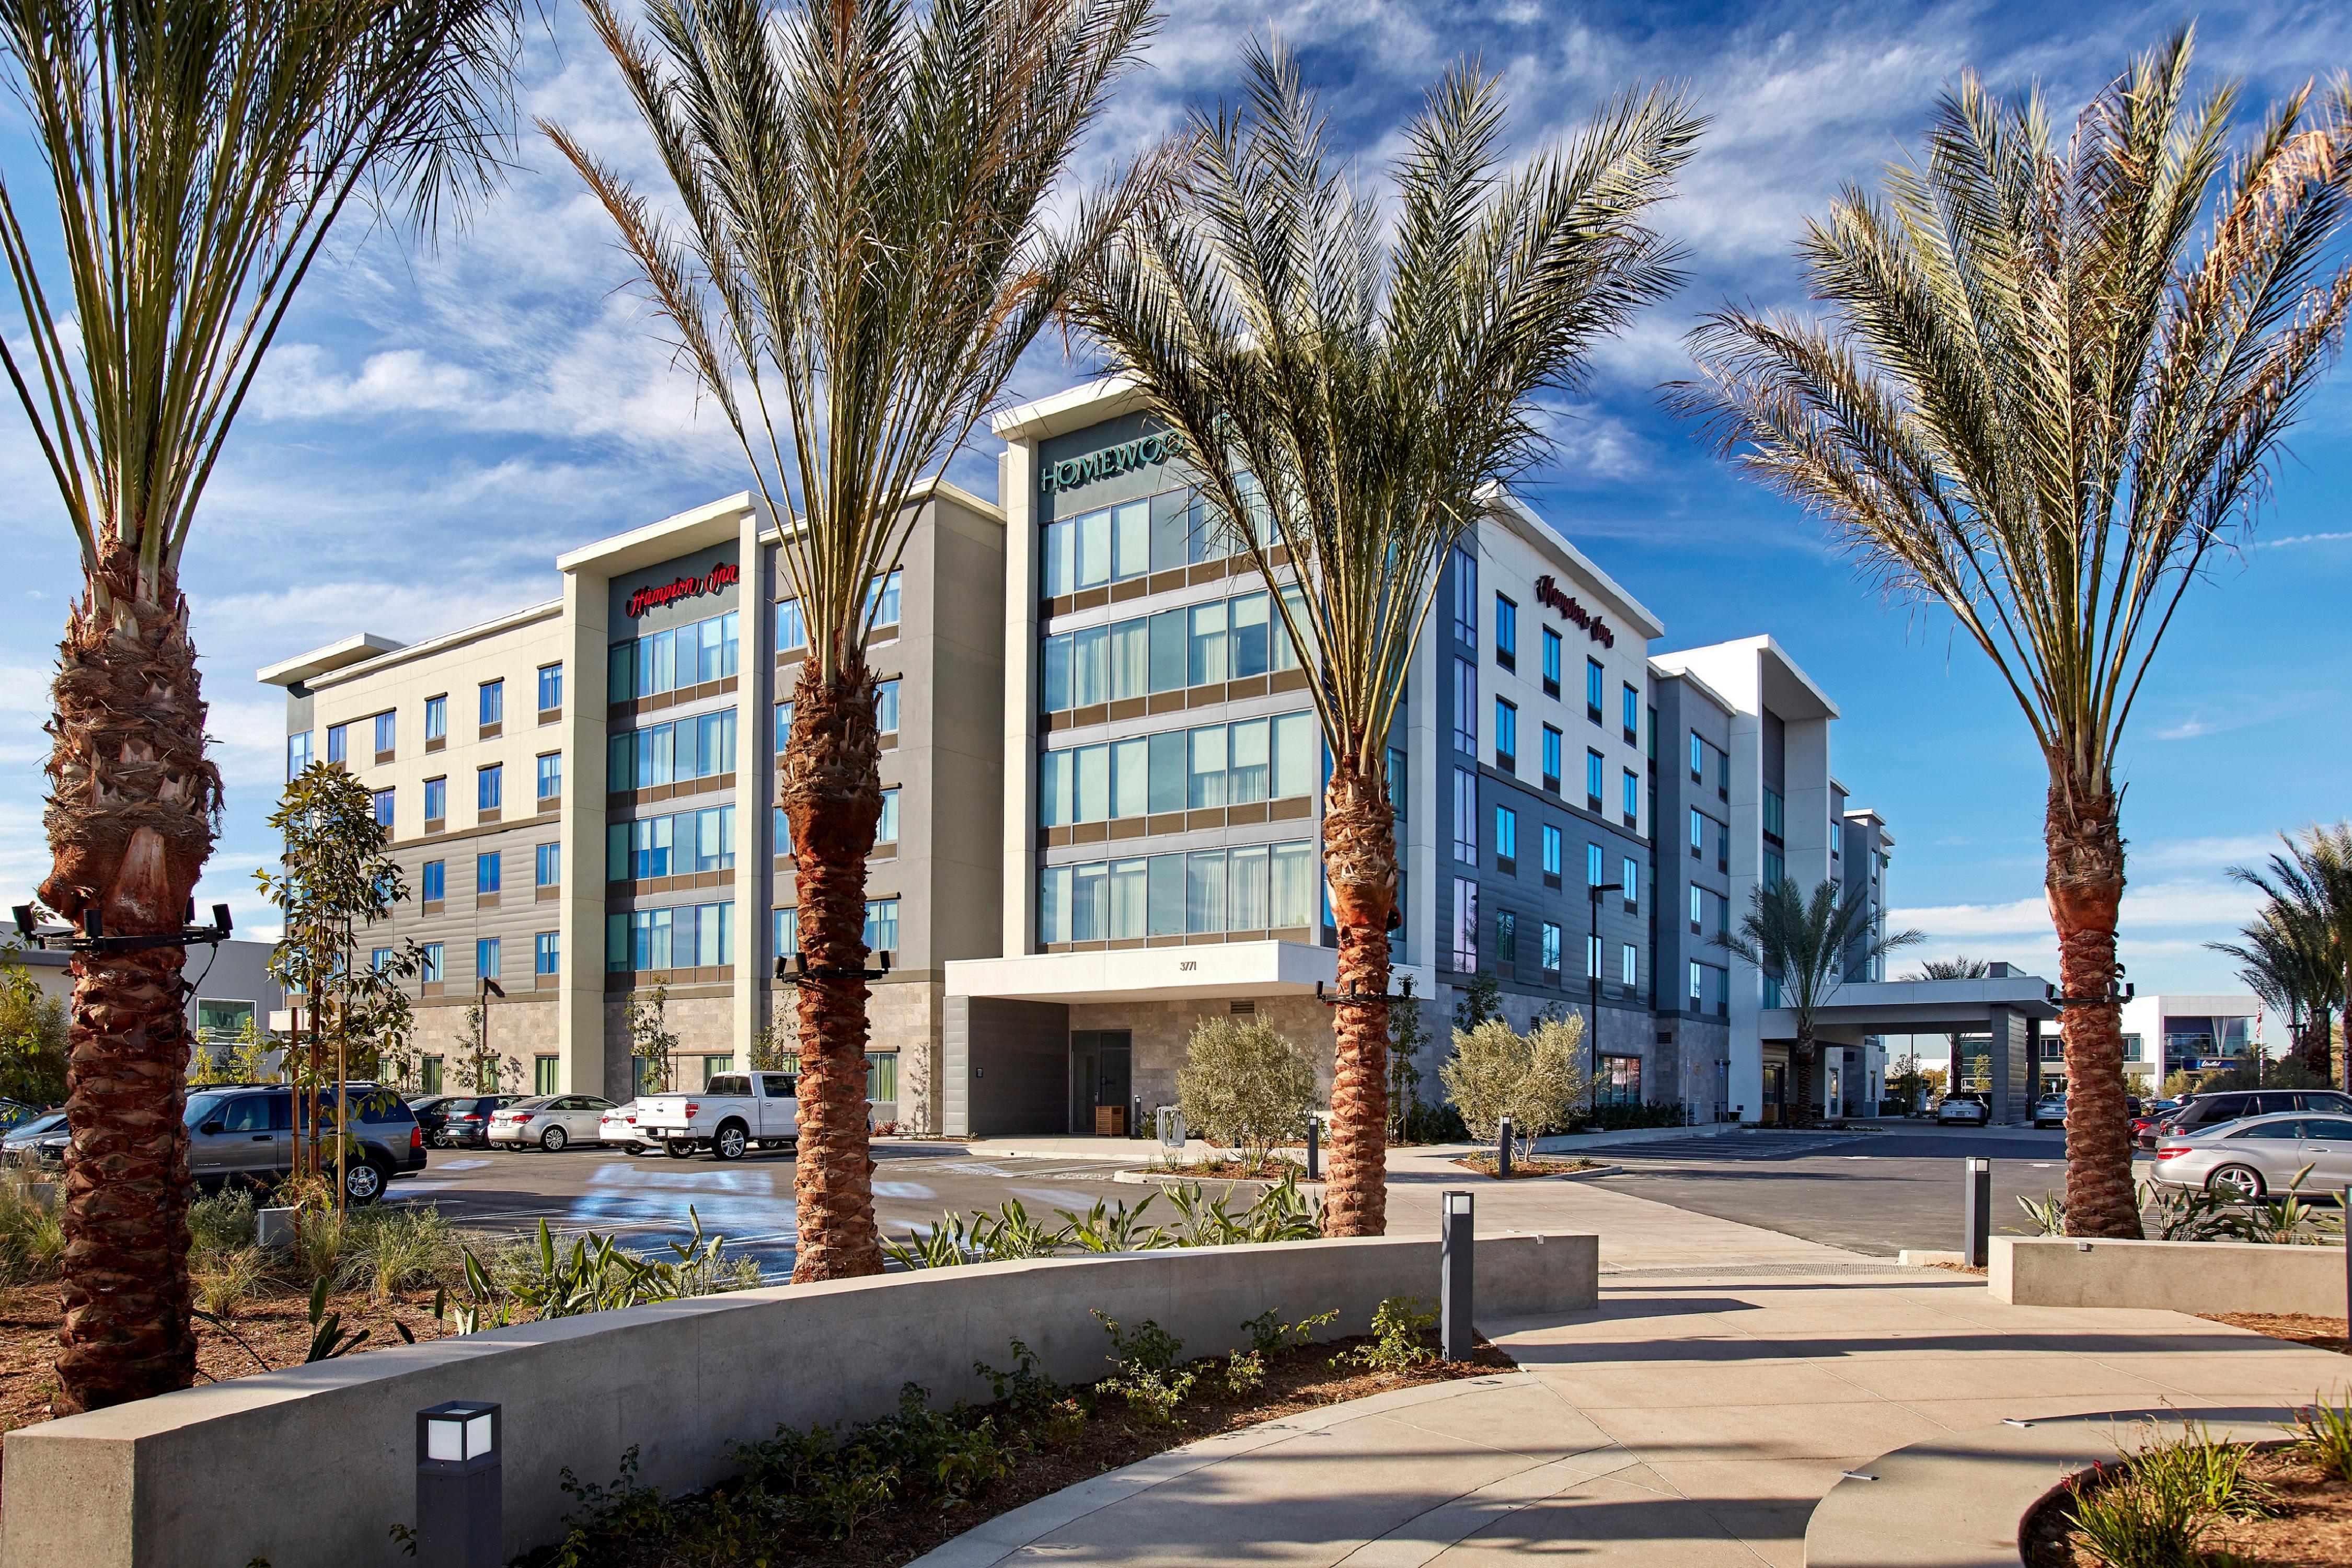 Hampton Inn Long Beach Ca